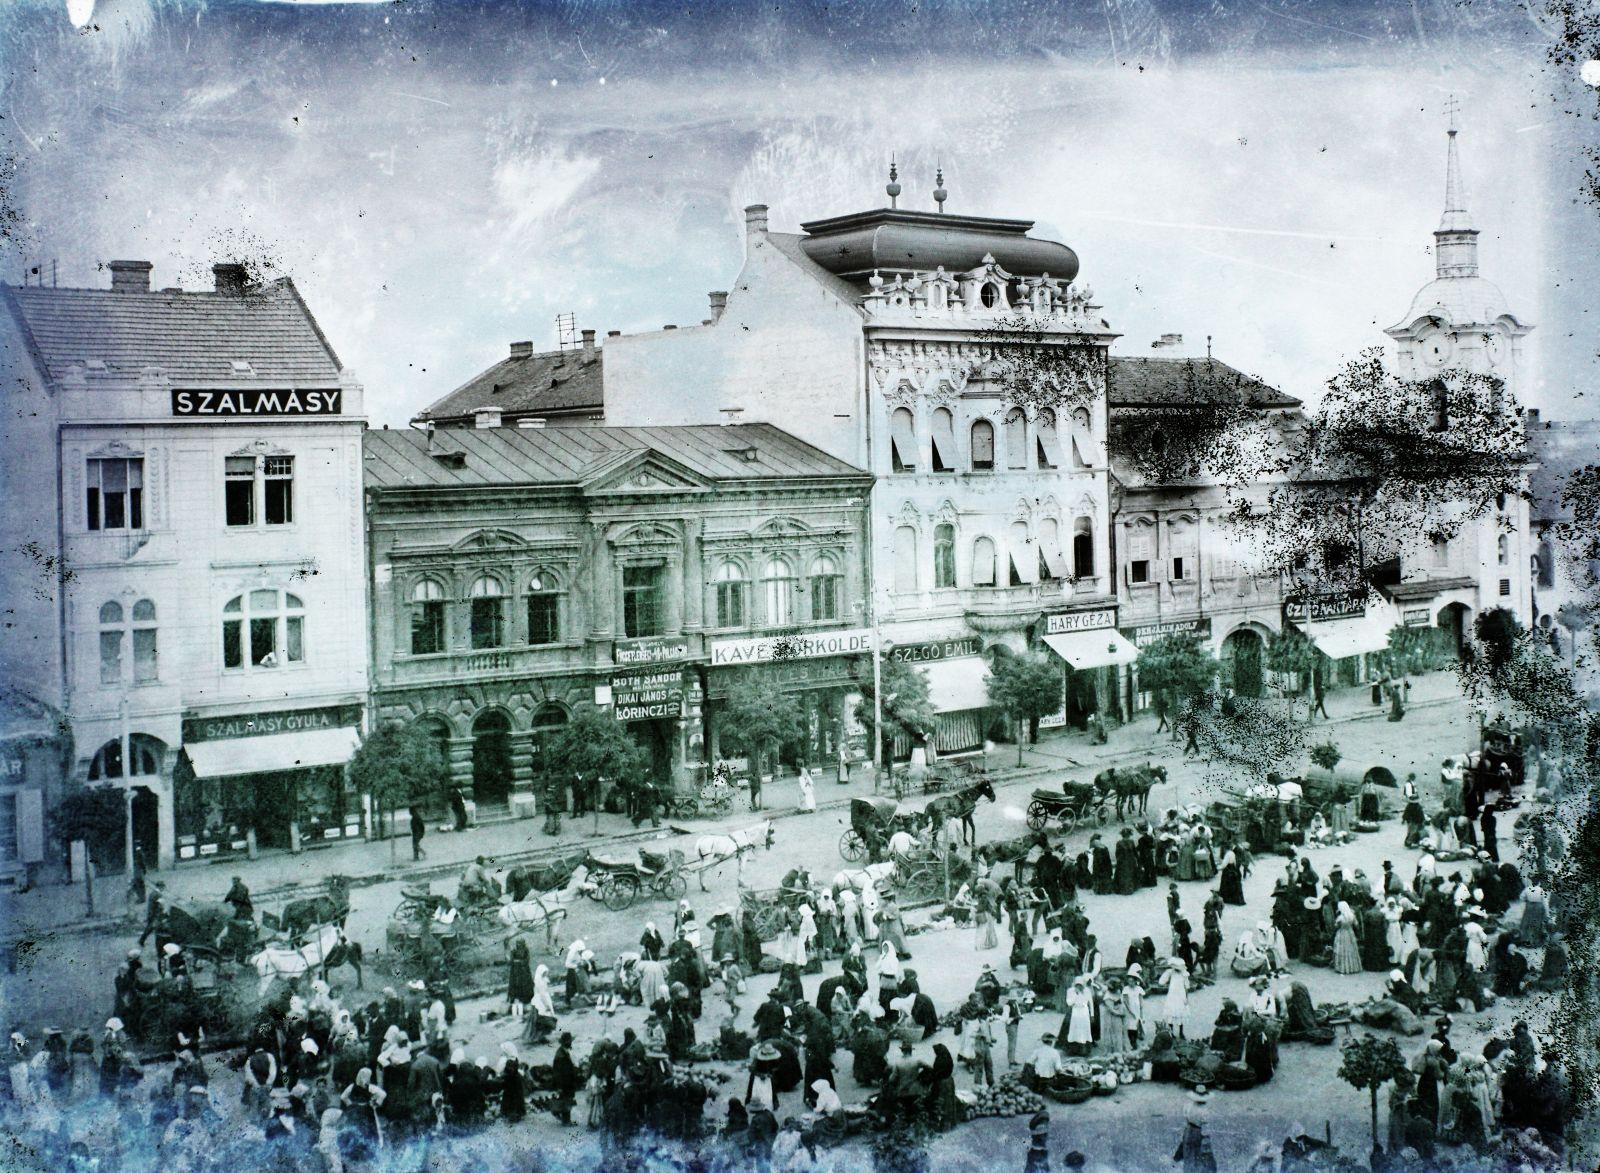 Marosvásárhely főtere, amely piactérként is működött | Forrás: Fortepan